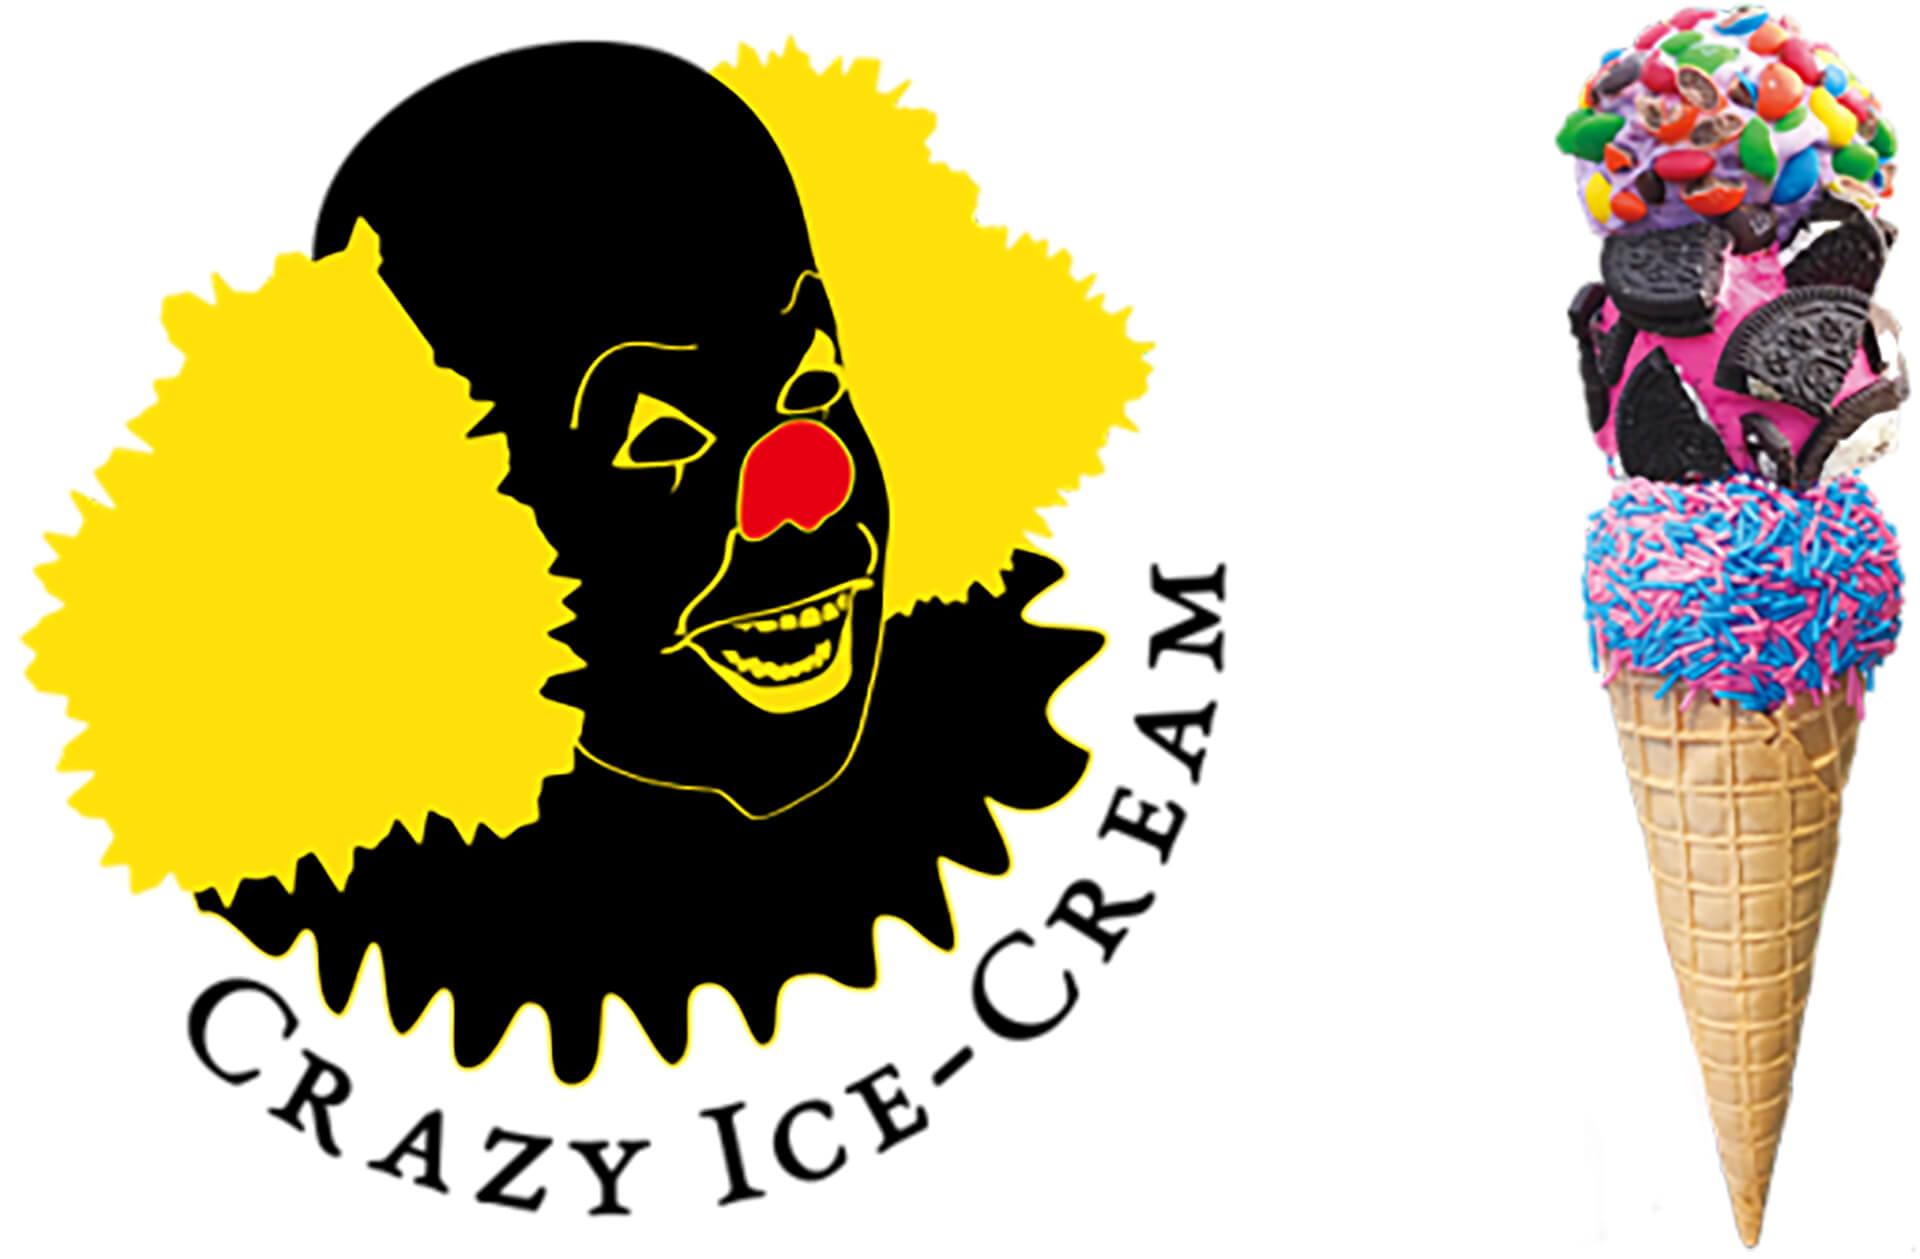 この写真は青山アイスクリームパークに参加する、CRAZY ICE-CREAMのロゴと商品です